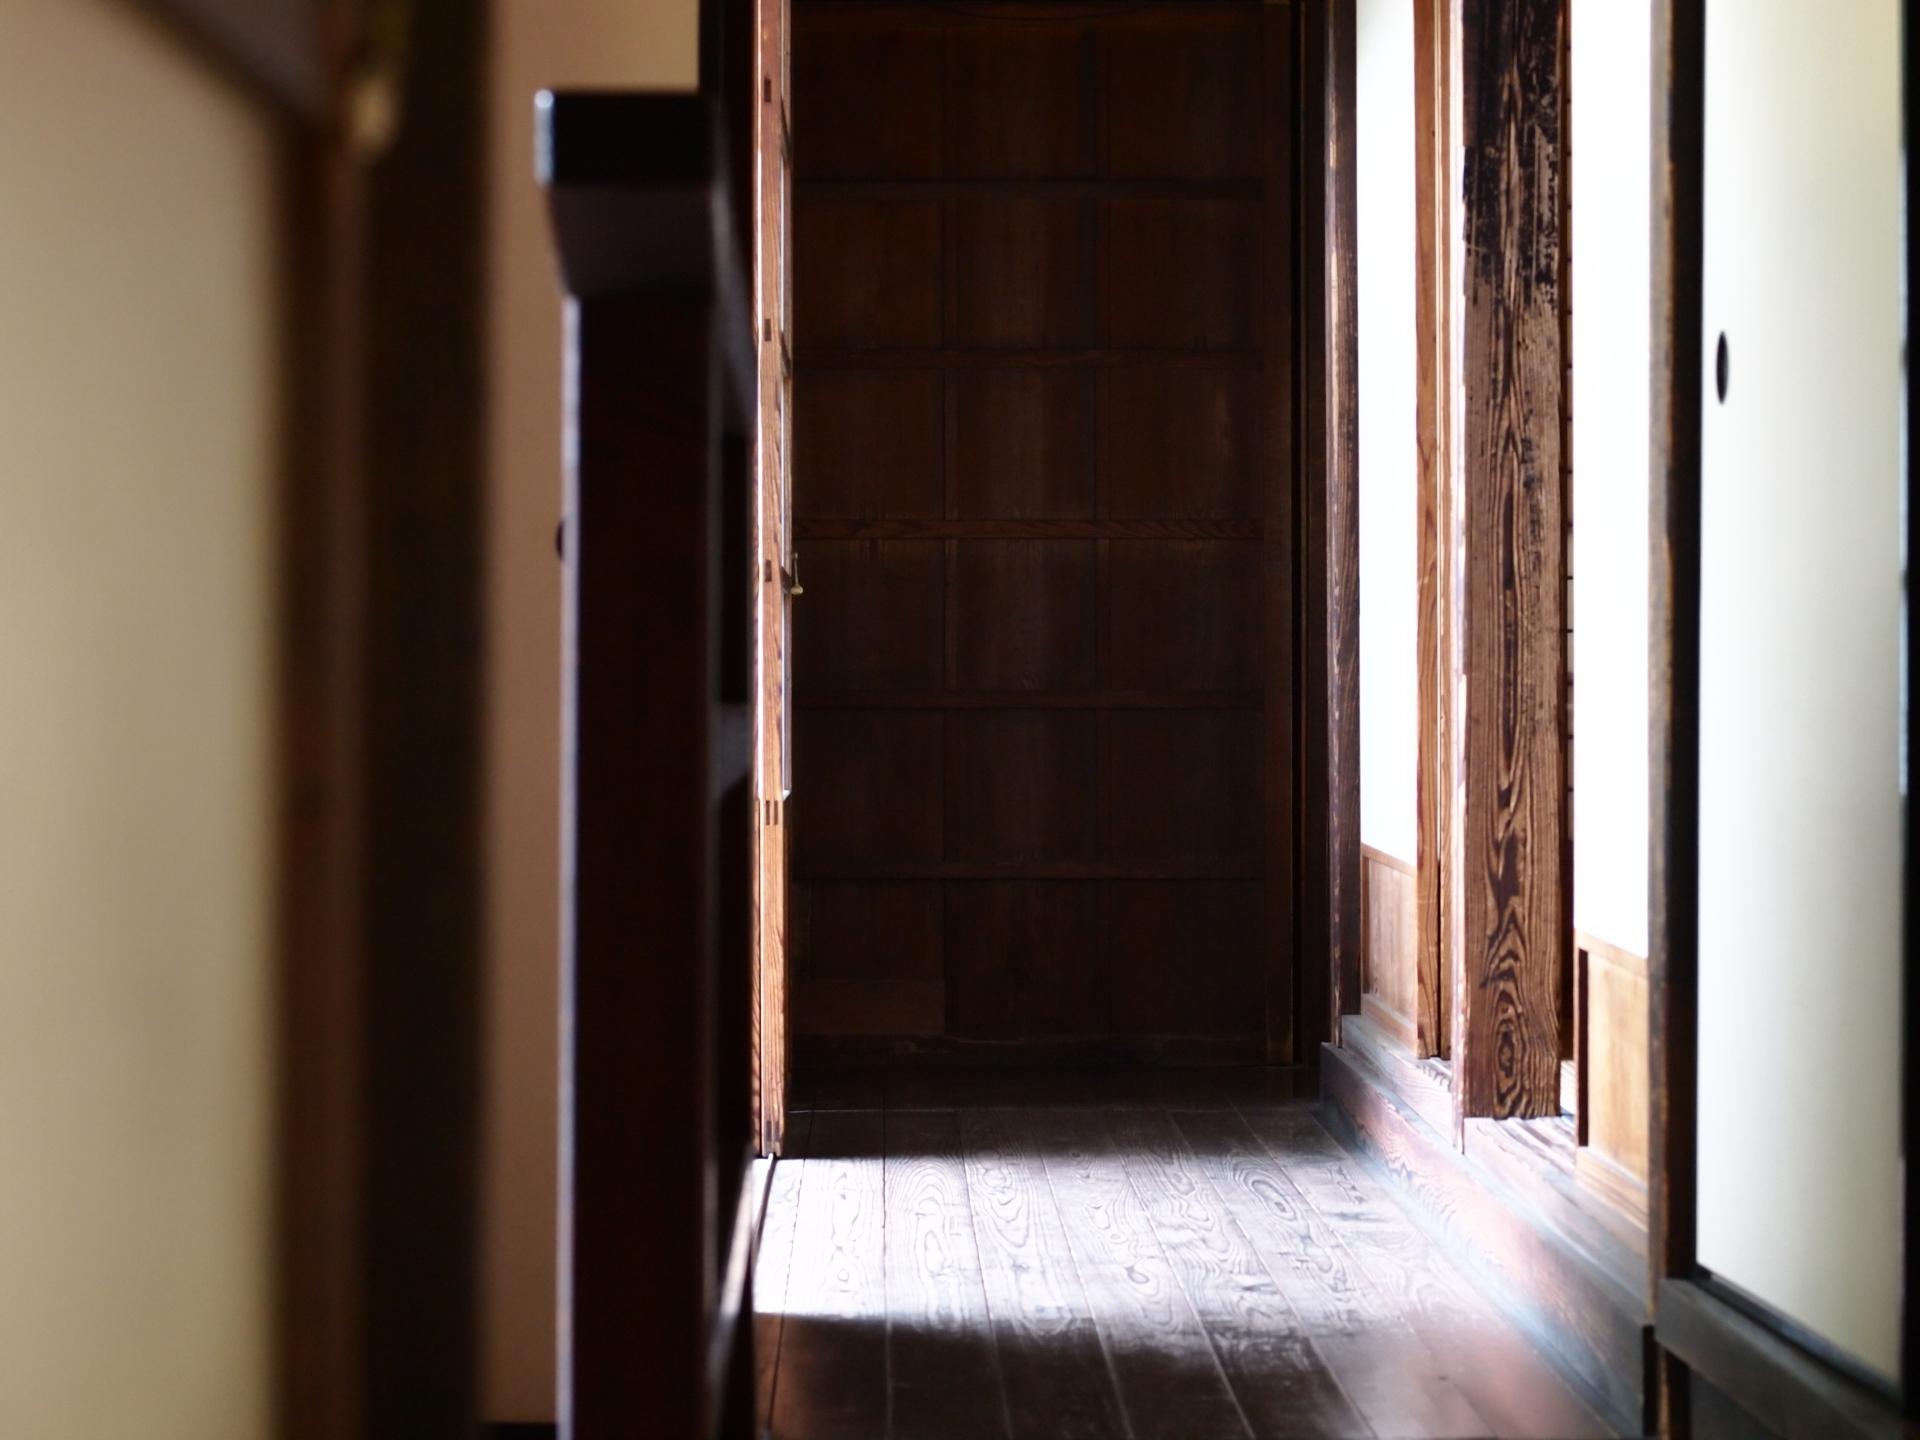 木材 木部にできたカビ取りの方法と予防 窓枠の効果的な掃除のコツ